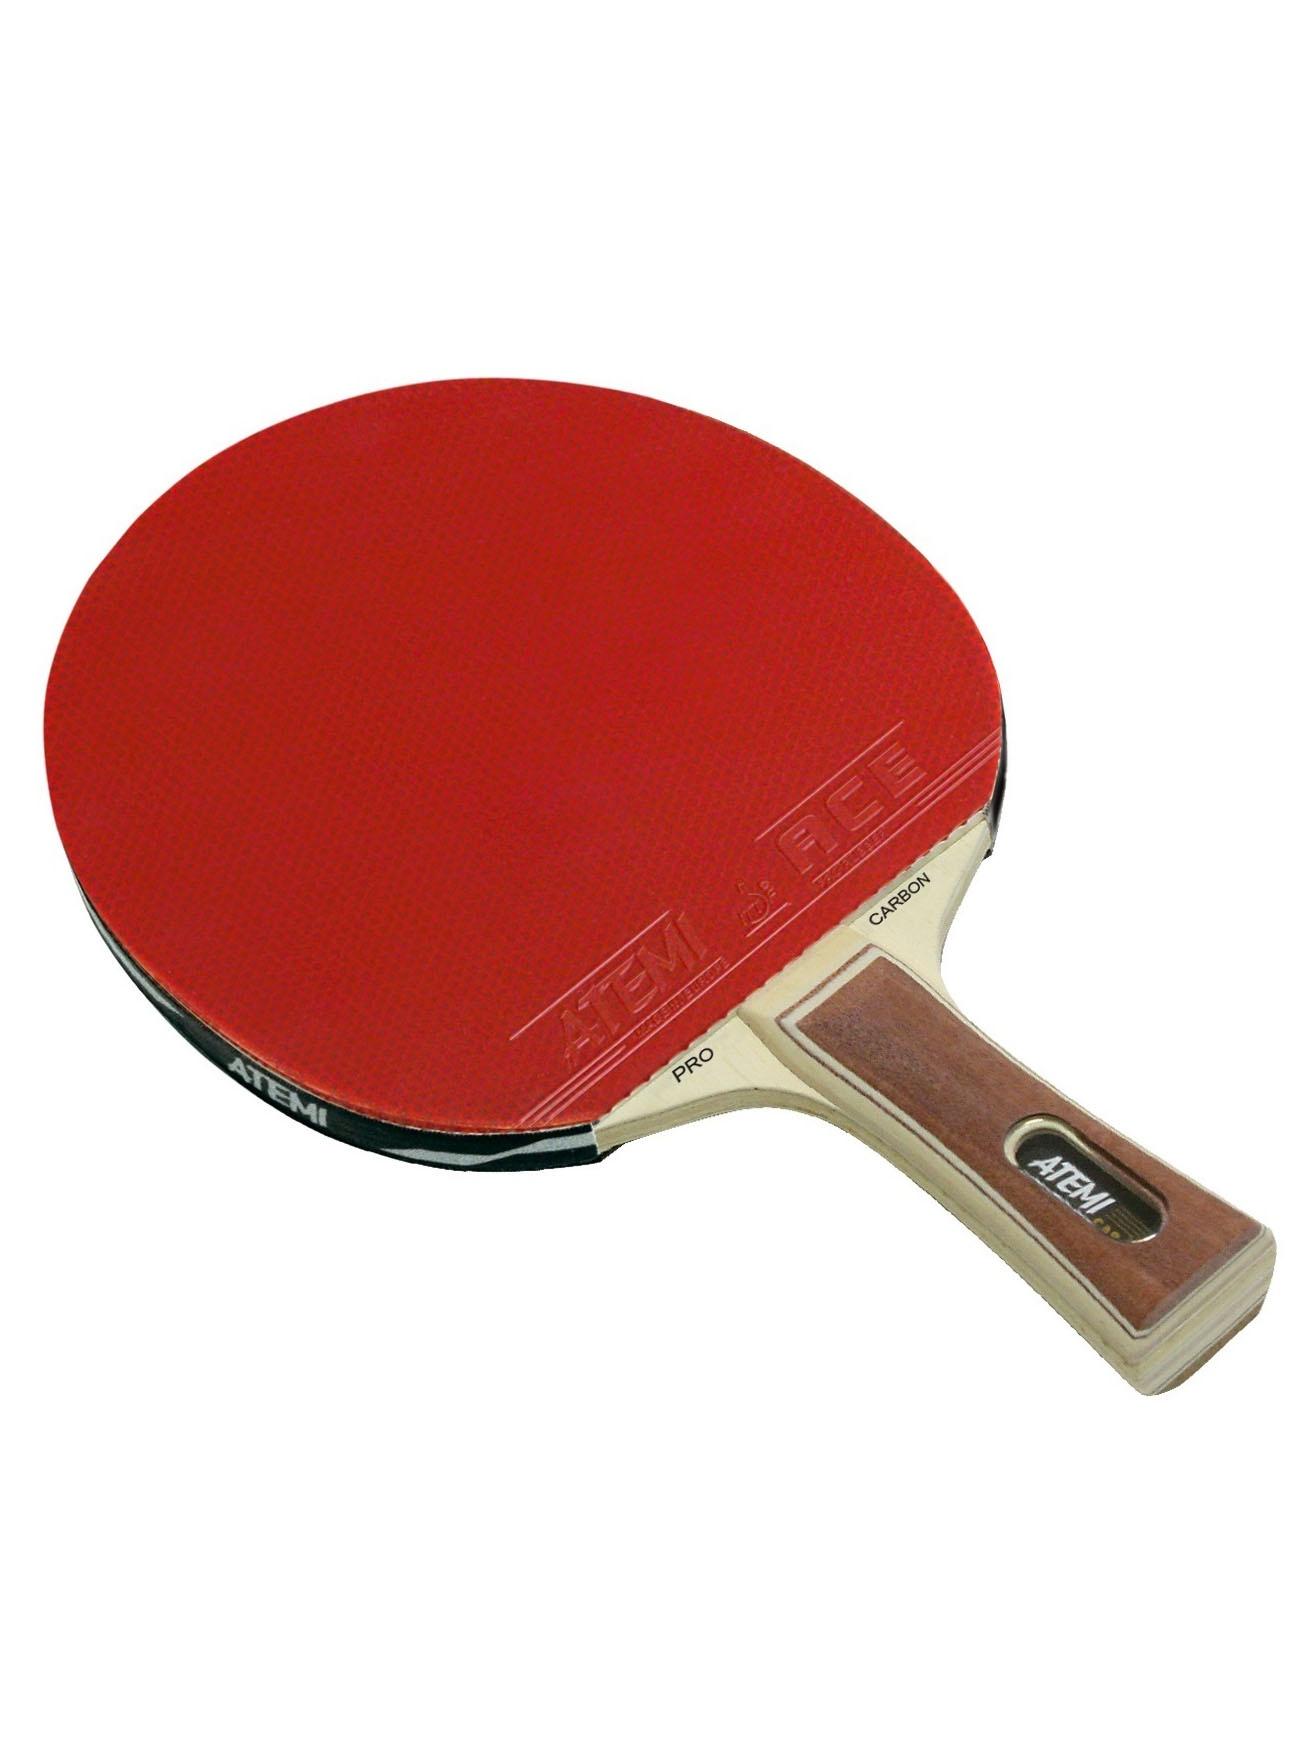 Ракетка для настольного тенниса Atemi PRO 3000 AN мячи для настольного тенниса atemi atb102